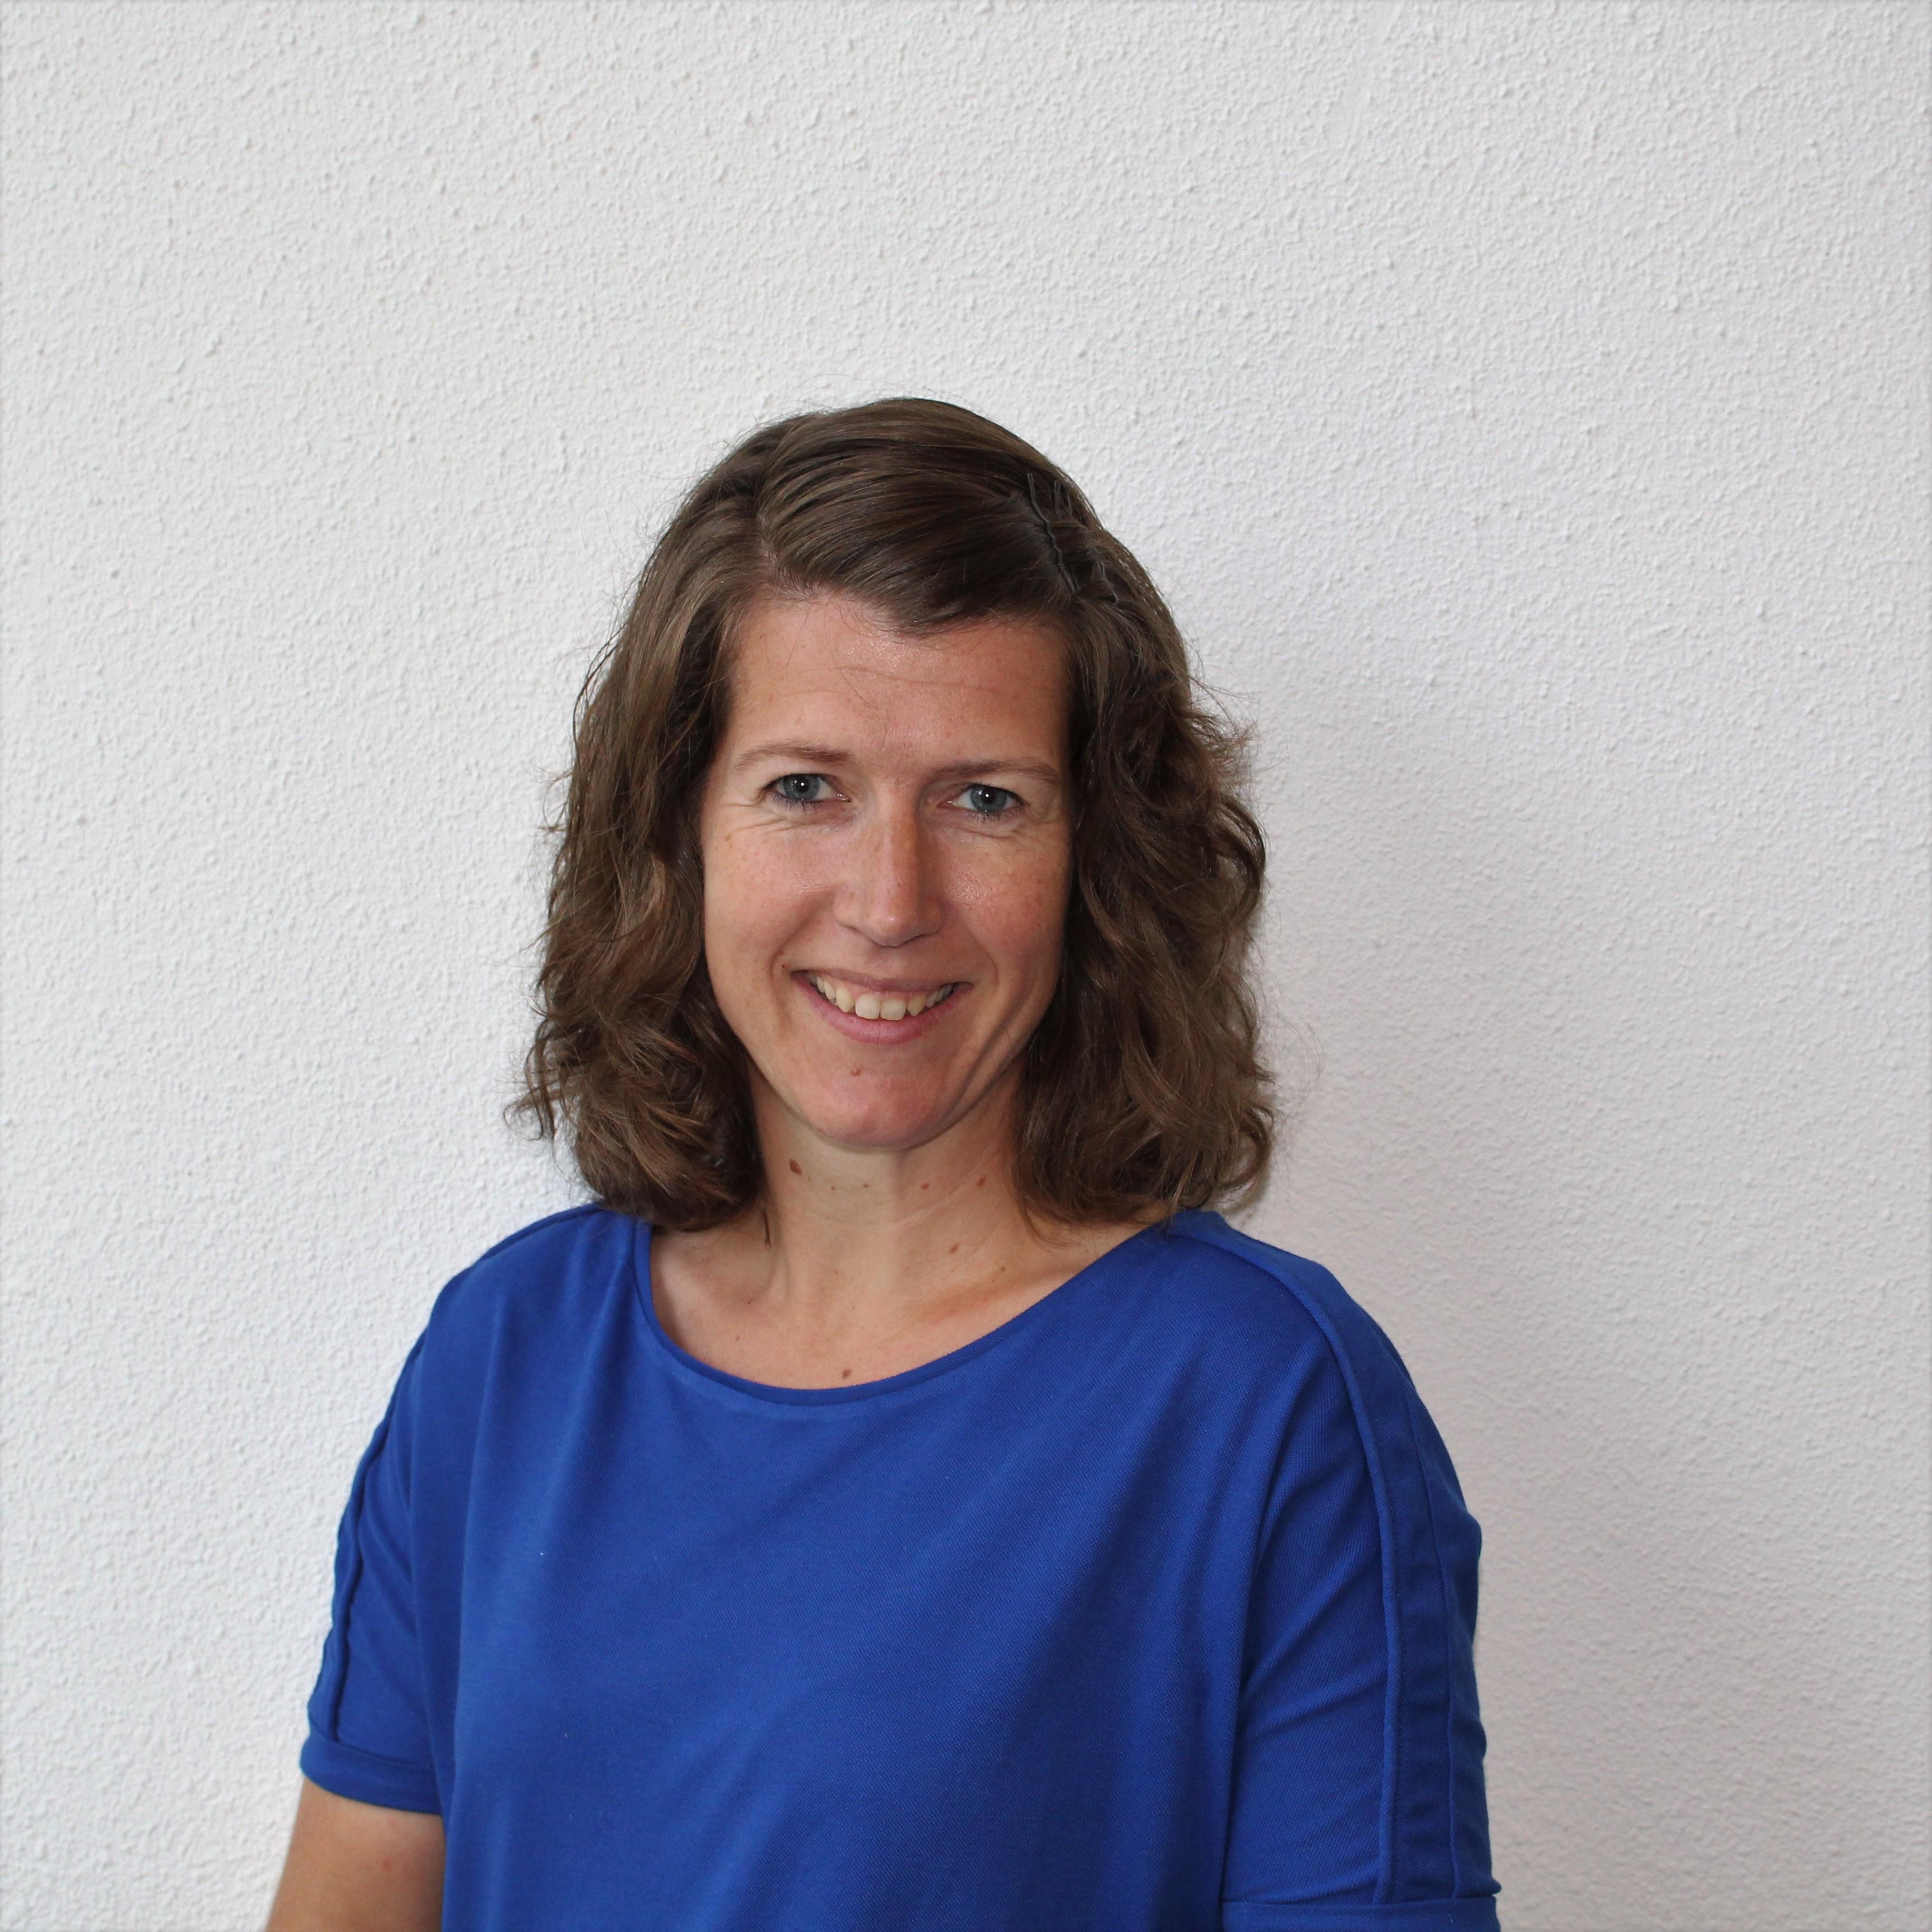 Nicolette Boer